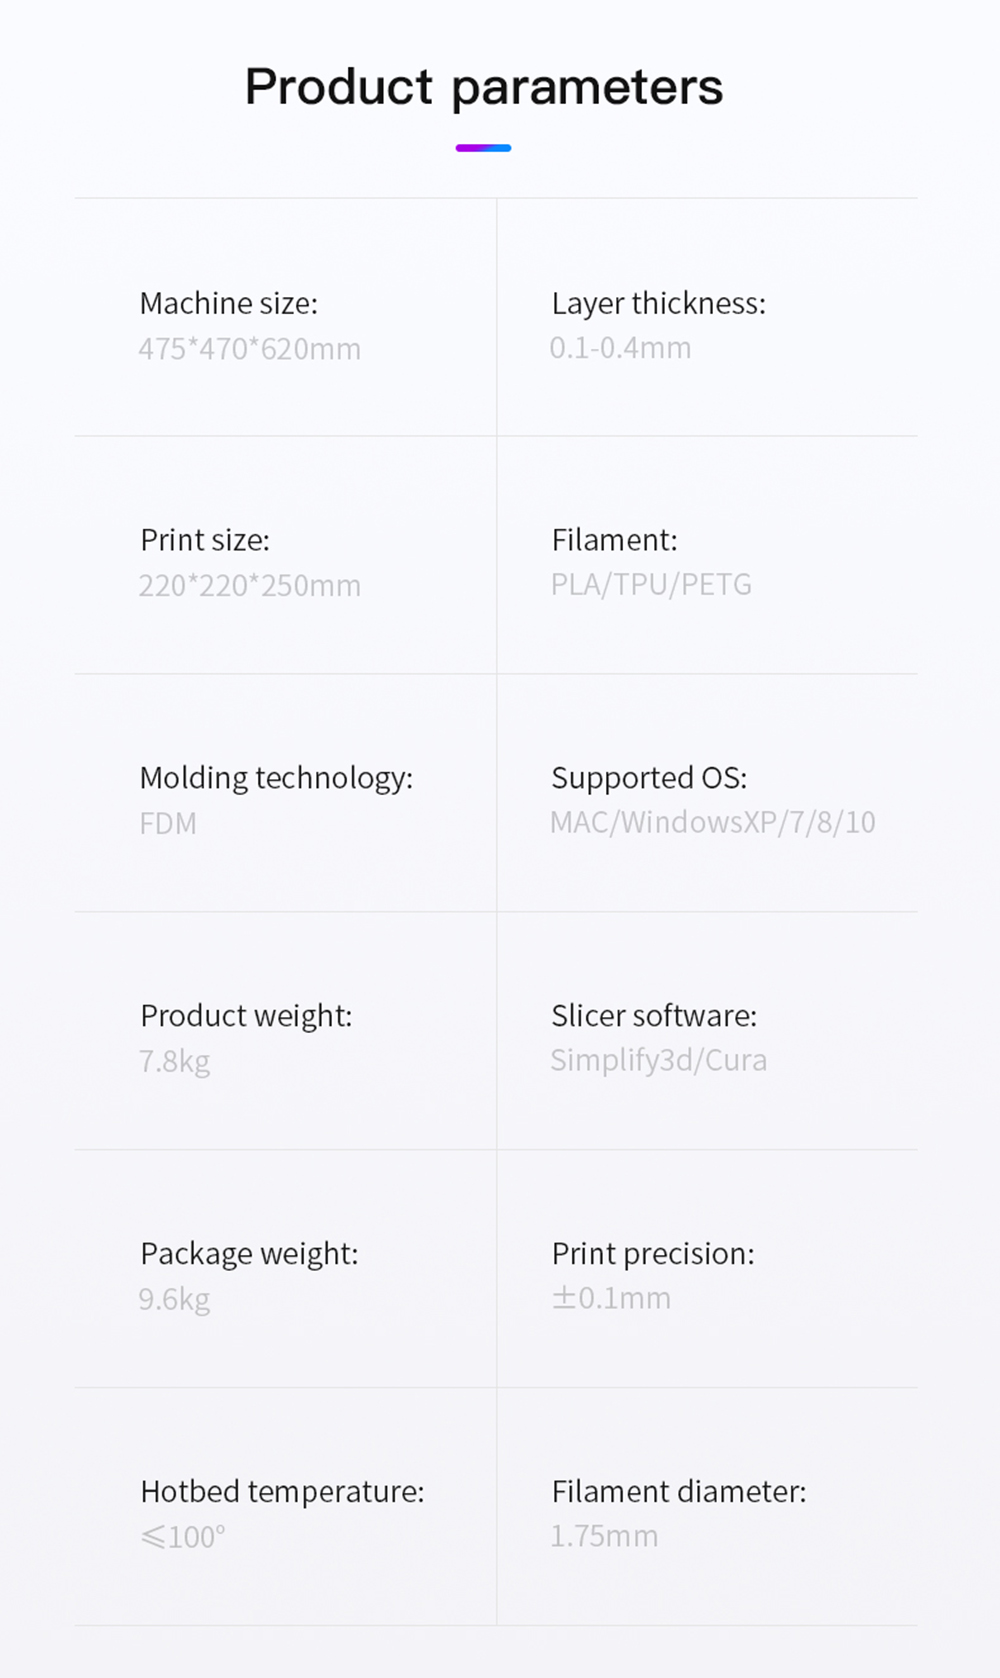 Creality3D Ender 3 V2 3D-Drucker Bausatz - 220x220x250mm - Technische Daten